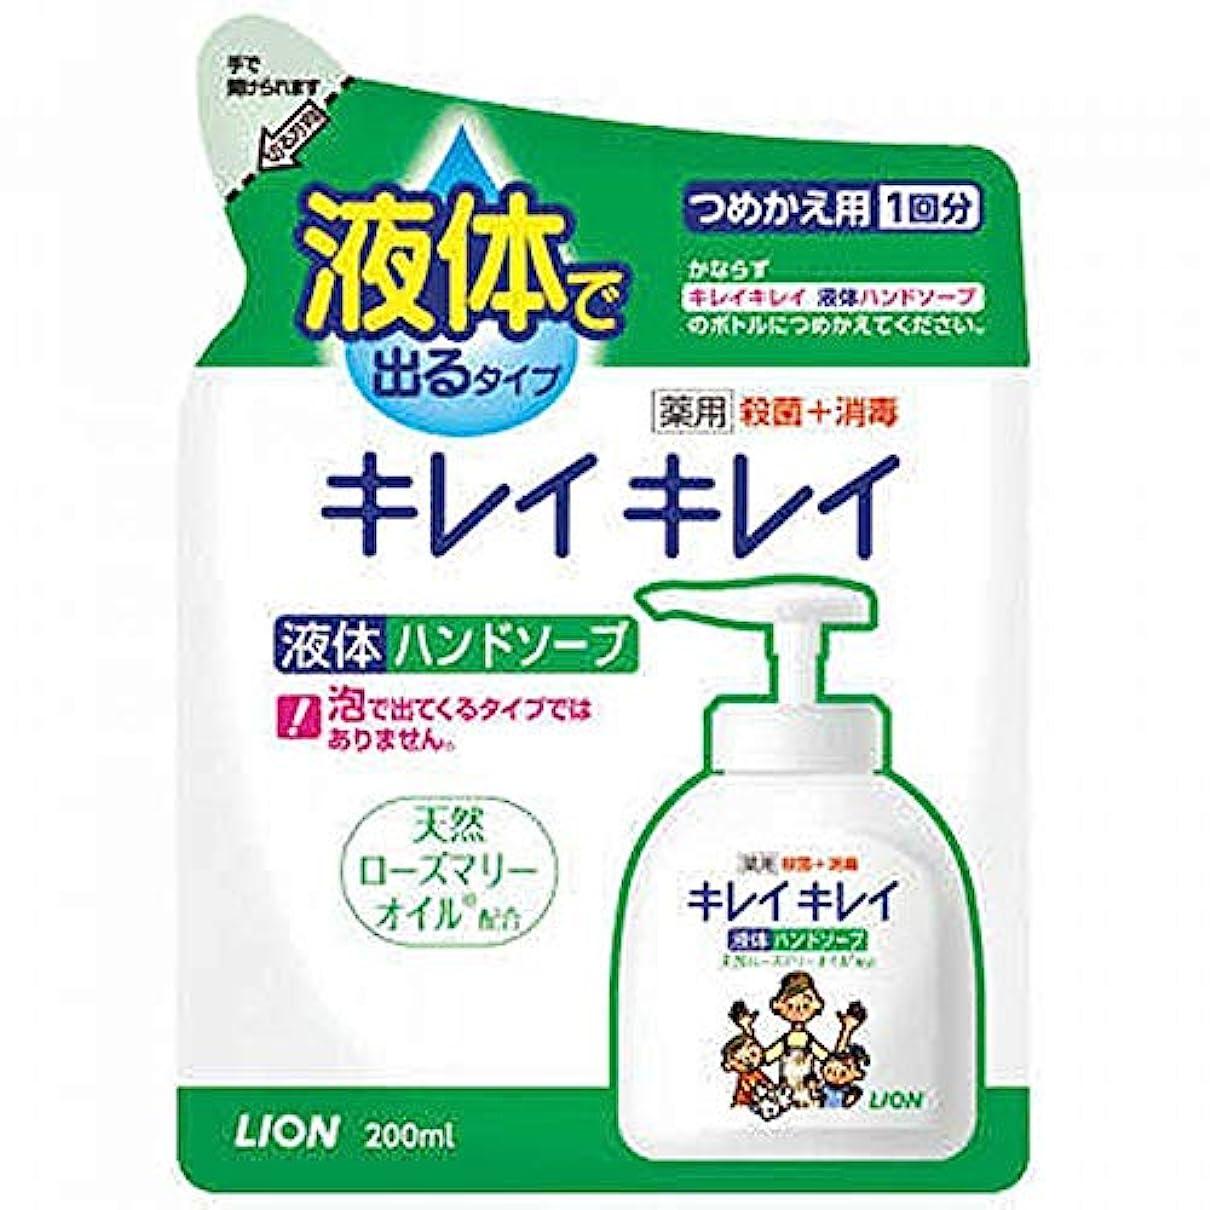 フライトソブリケットコマンドライオン キレイキレイ 薬用液体ハンドソープ 詰替 200ml ×2セット